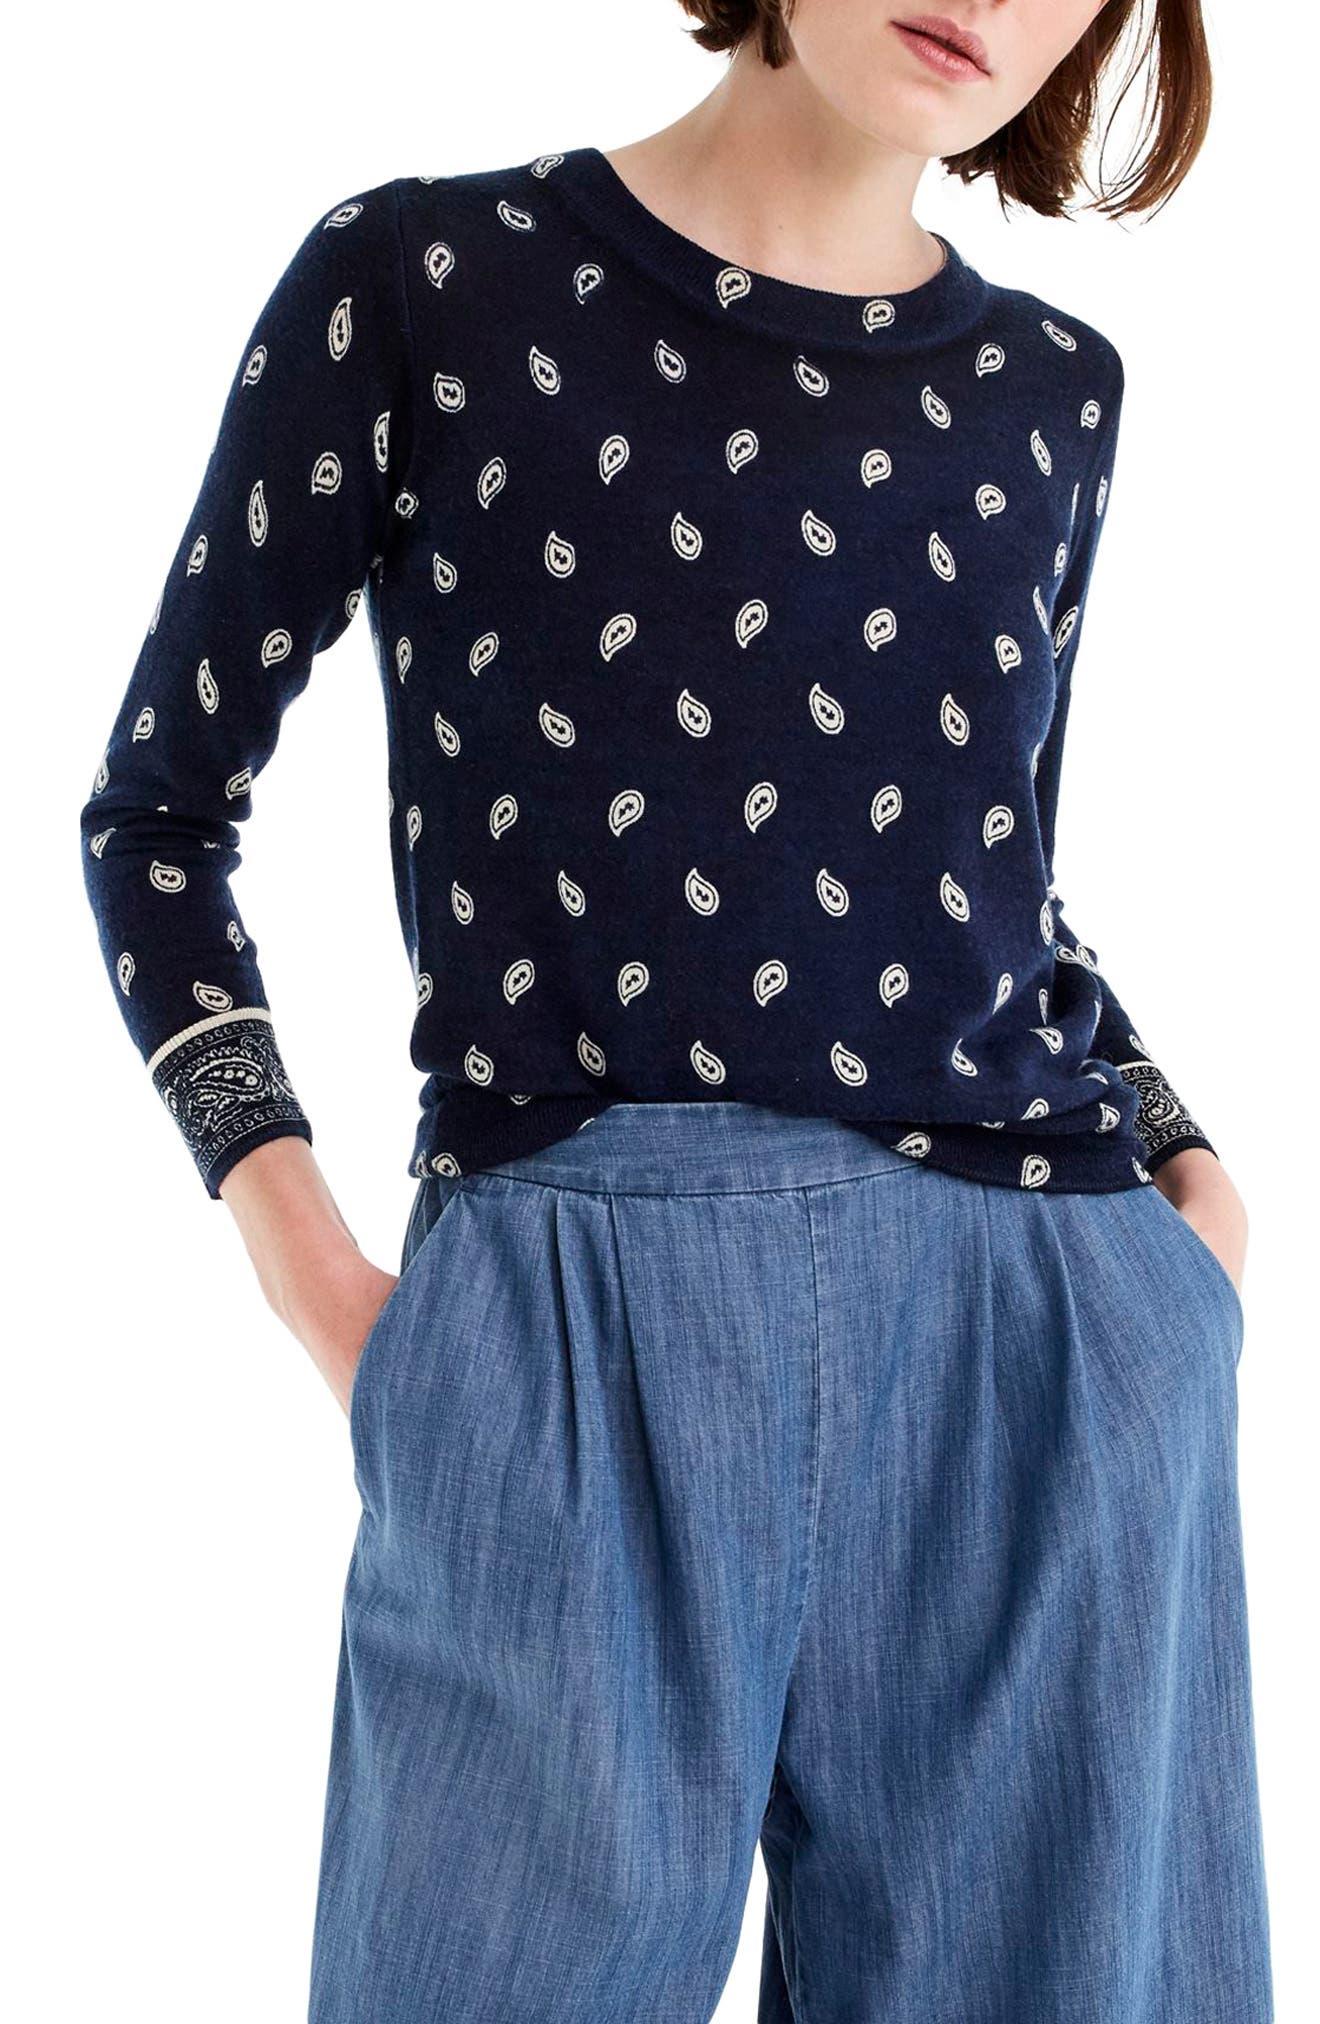 J.Crew Bandana Print Tippi Sweater,                         Main,                         color, Navy Ivory